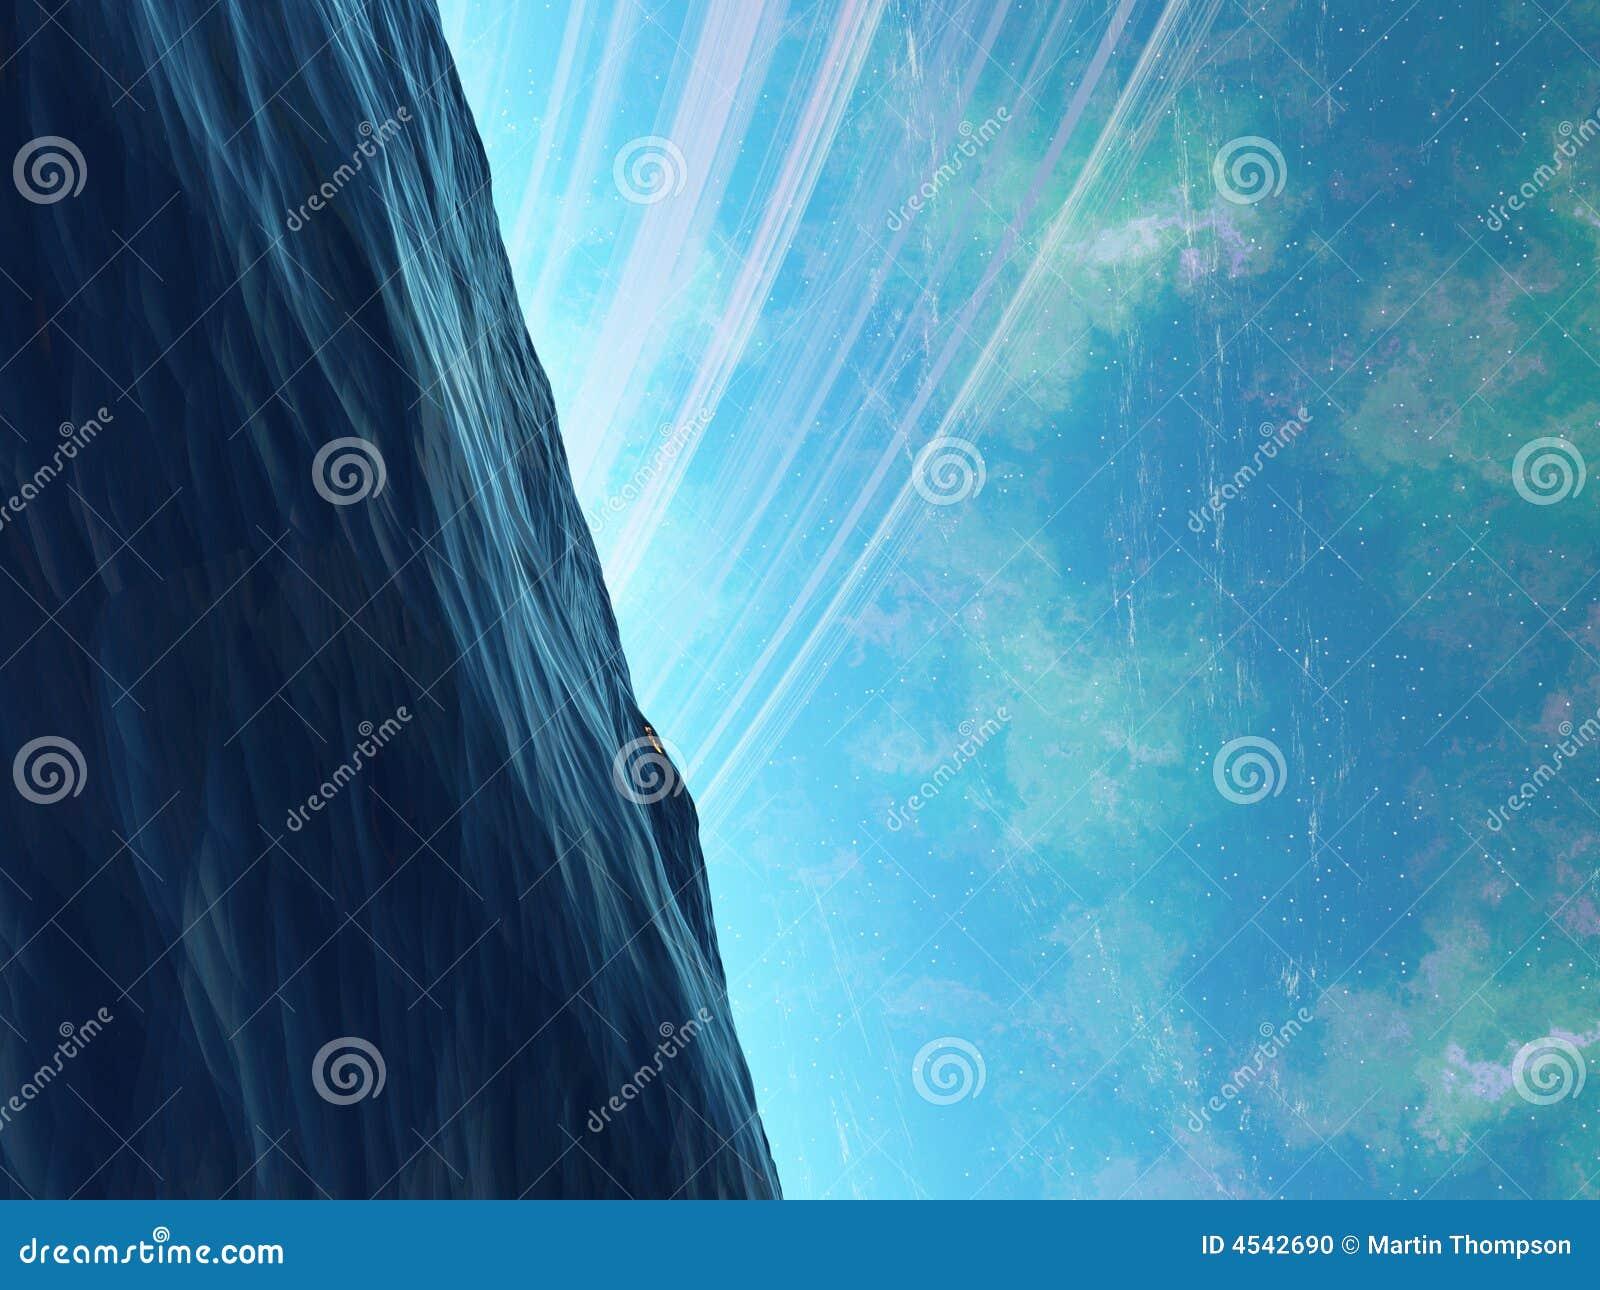 Planet Arkology Ozean mit lauerndem etwas